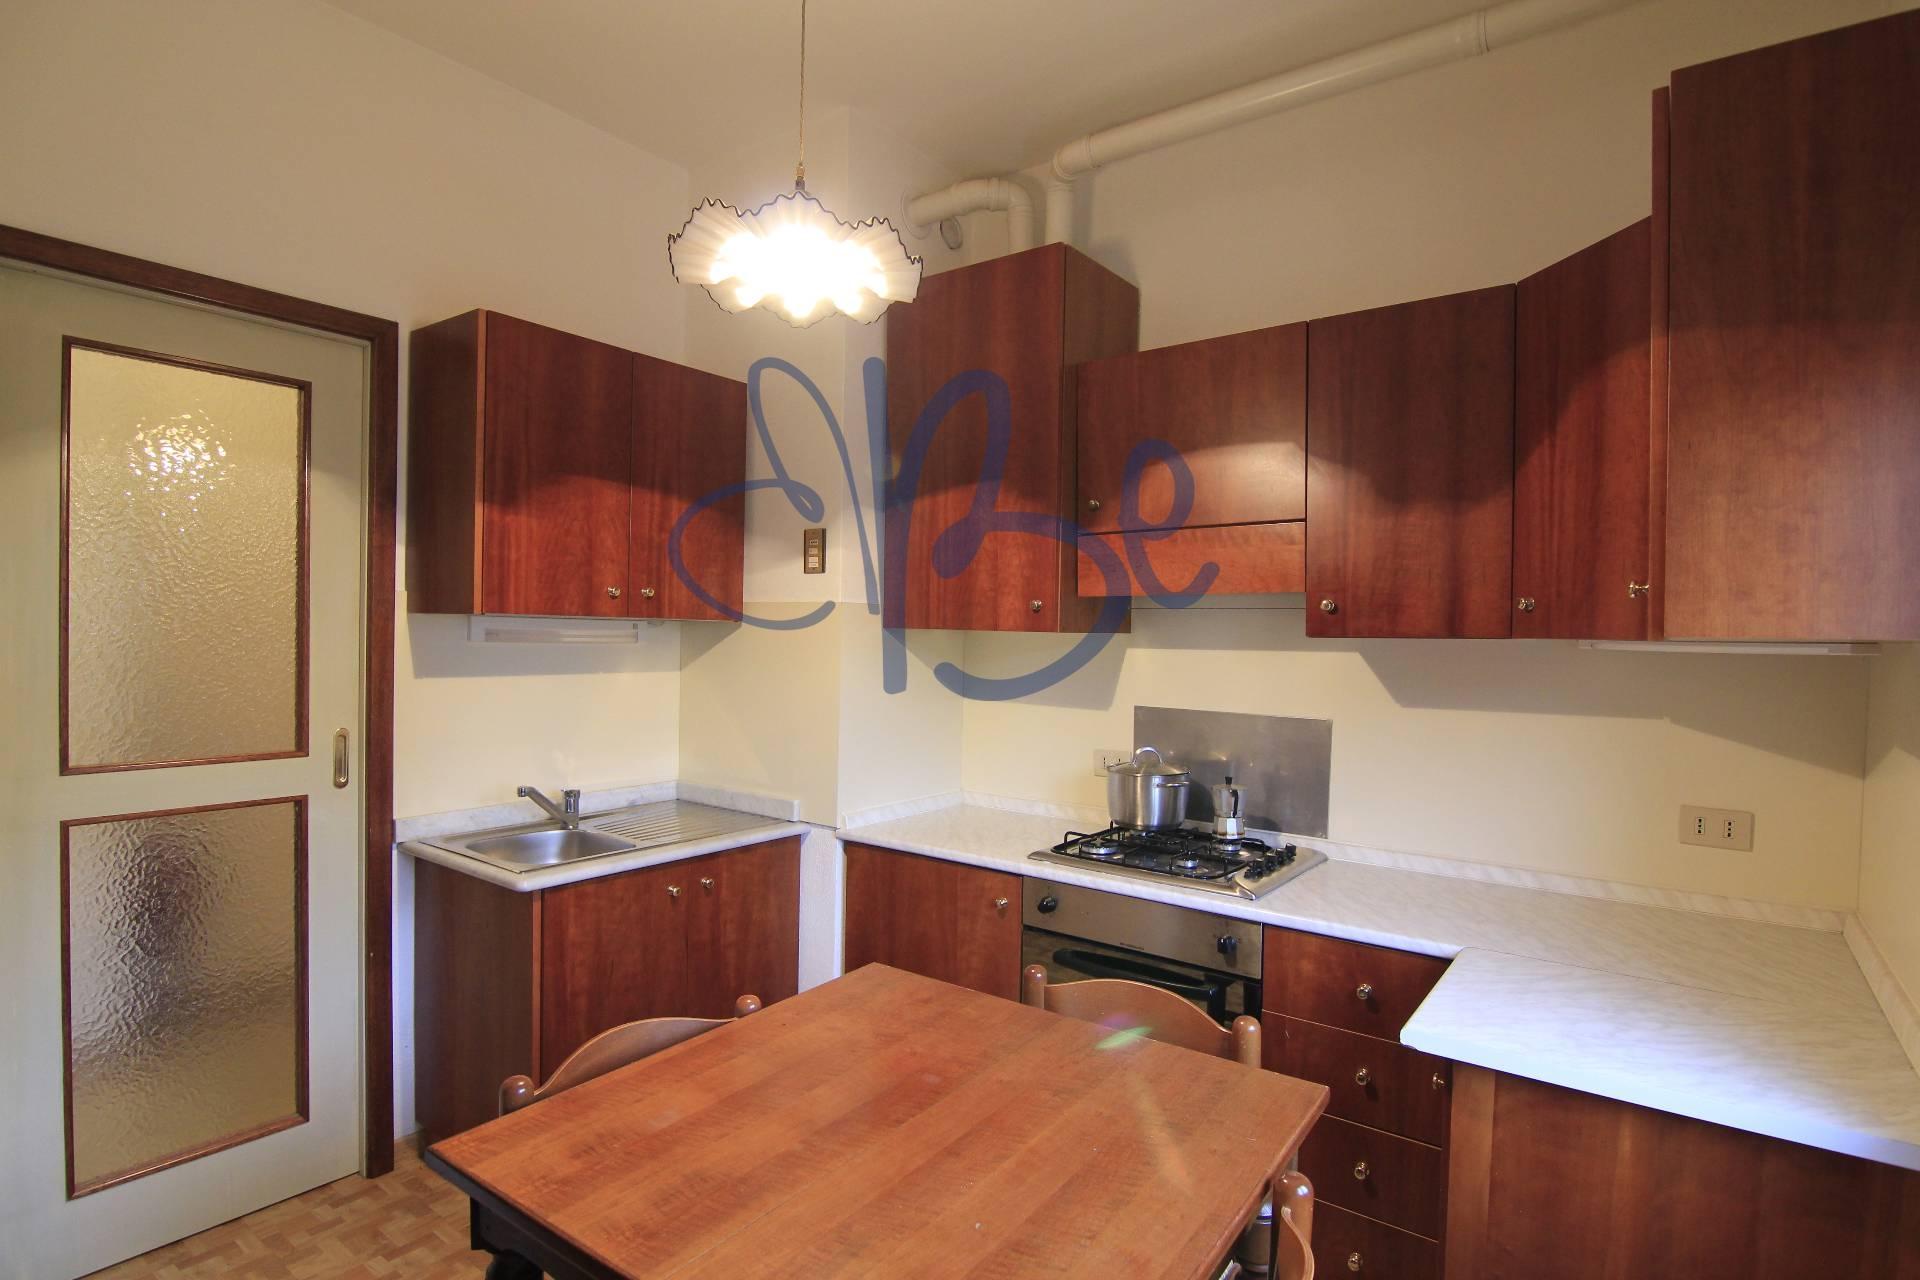 Appartamento in affitto a Salò, 3 locali, zona Località: Salò, prezzo € 550 | Cambio Casa.it